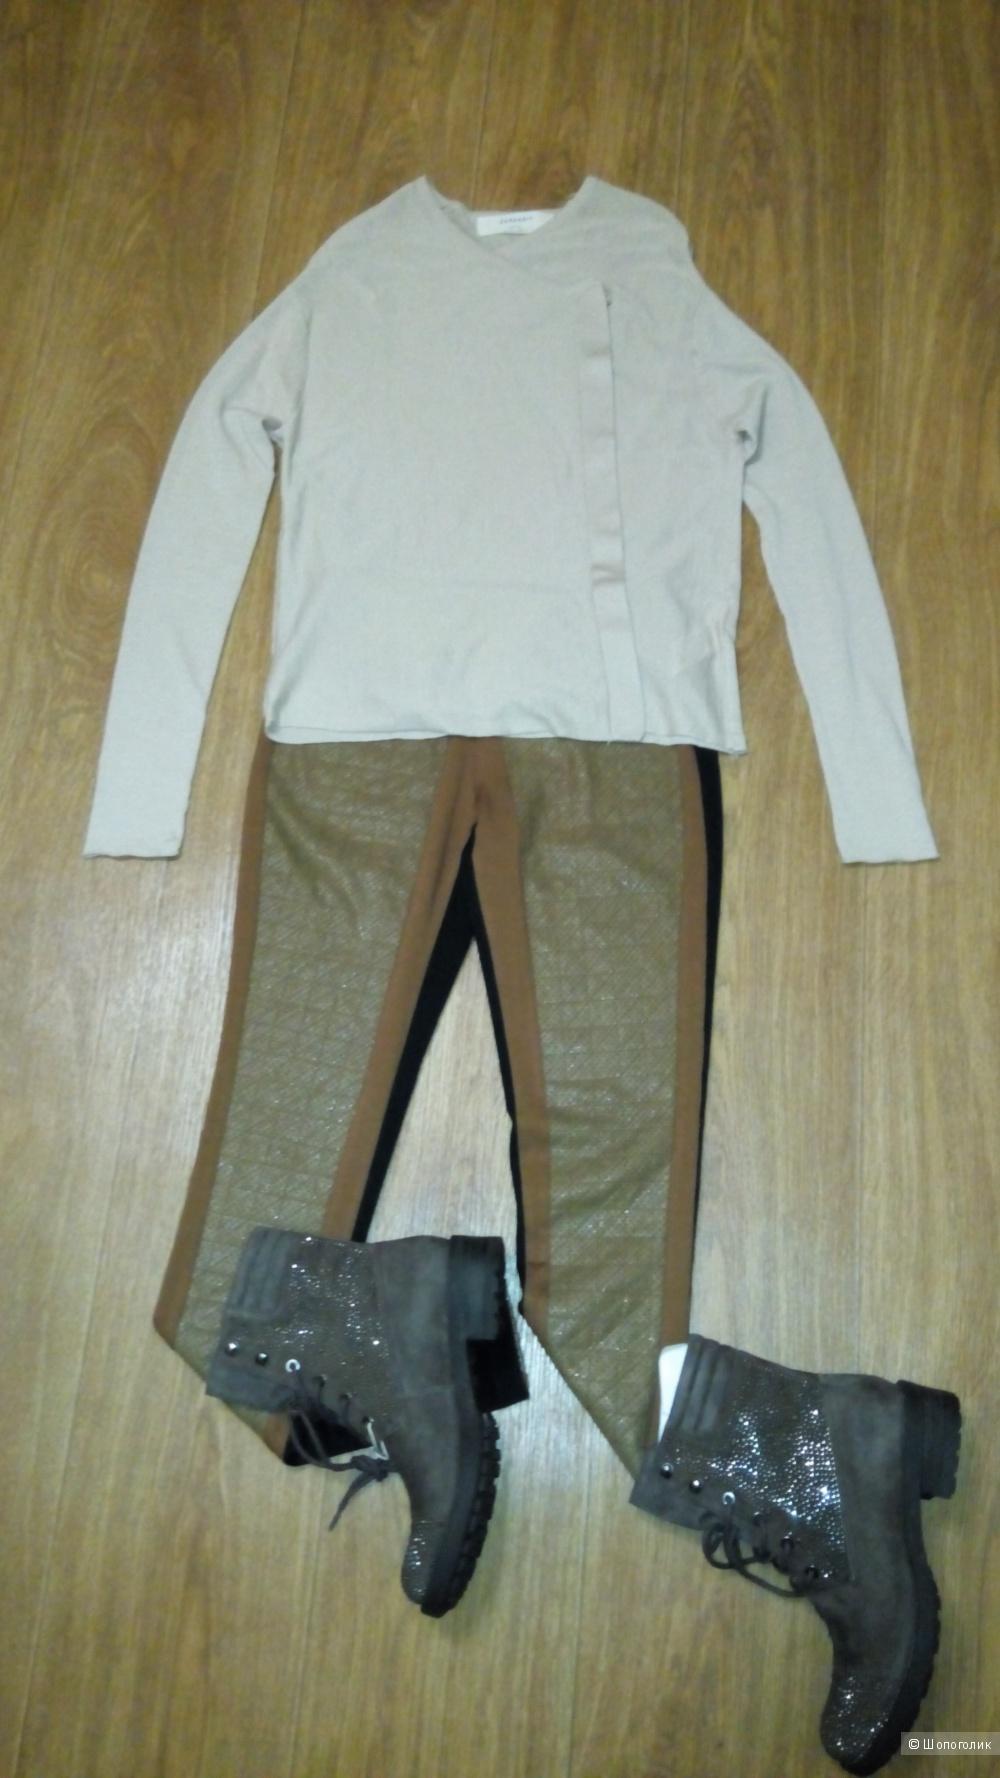 Сет из двух вещей, кофта Zara и платок к ней, размер S -XS